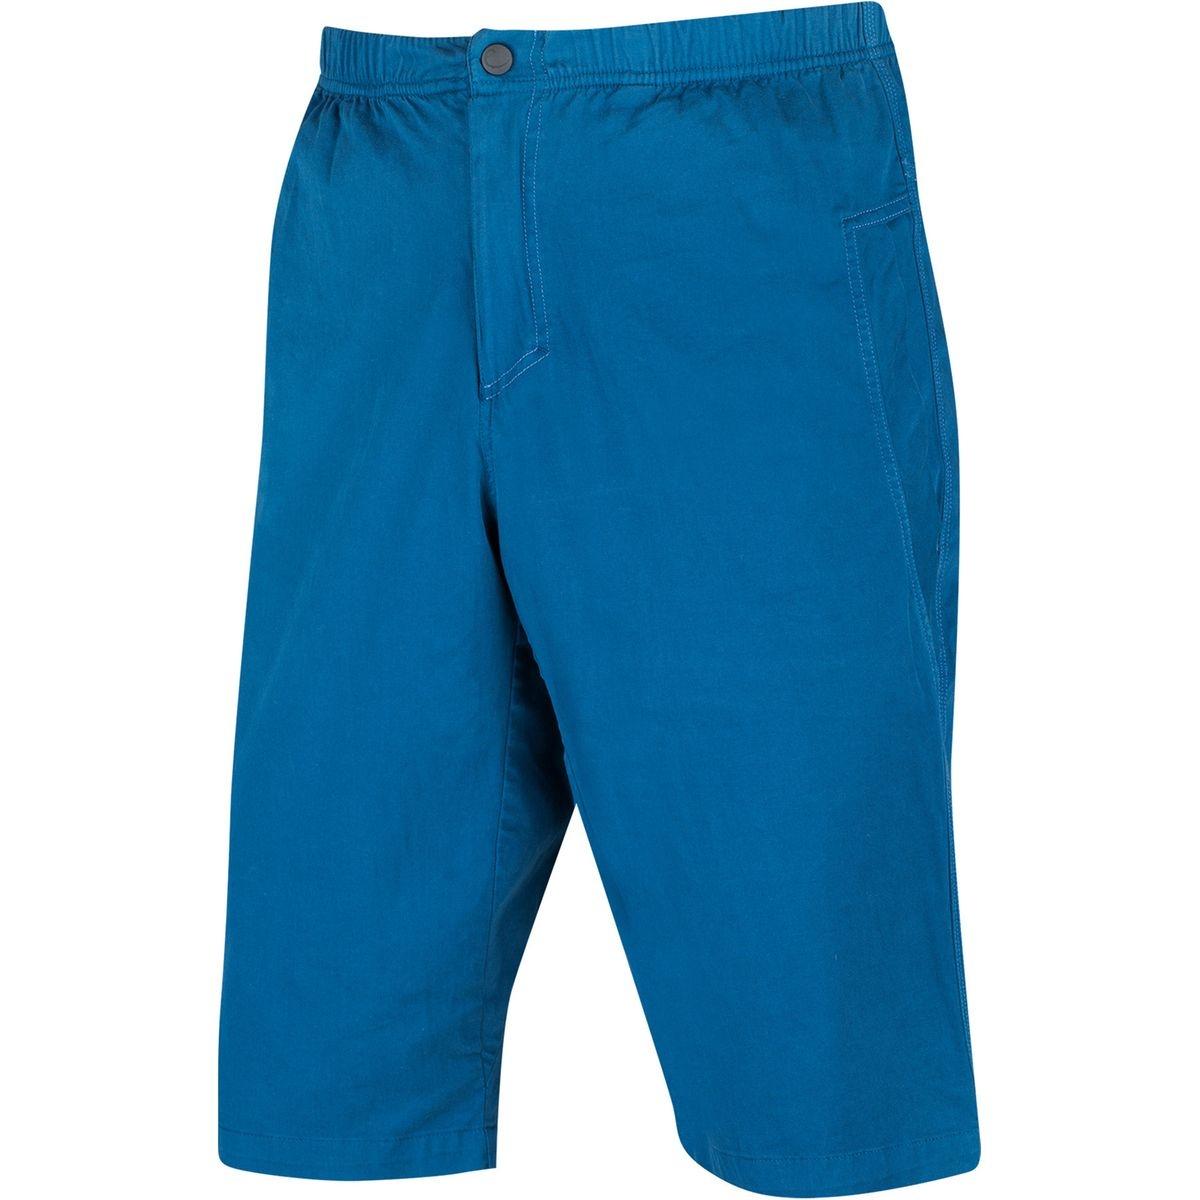 Monkee - Shorts Homme - bleu